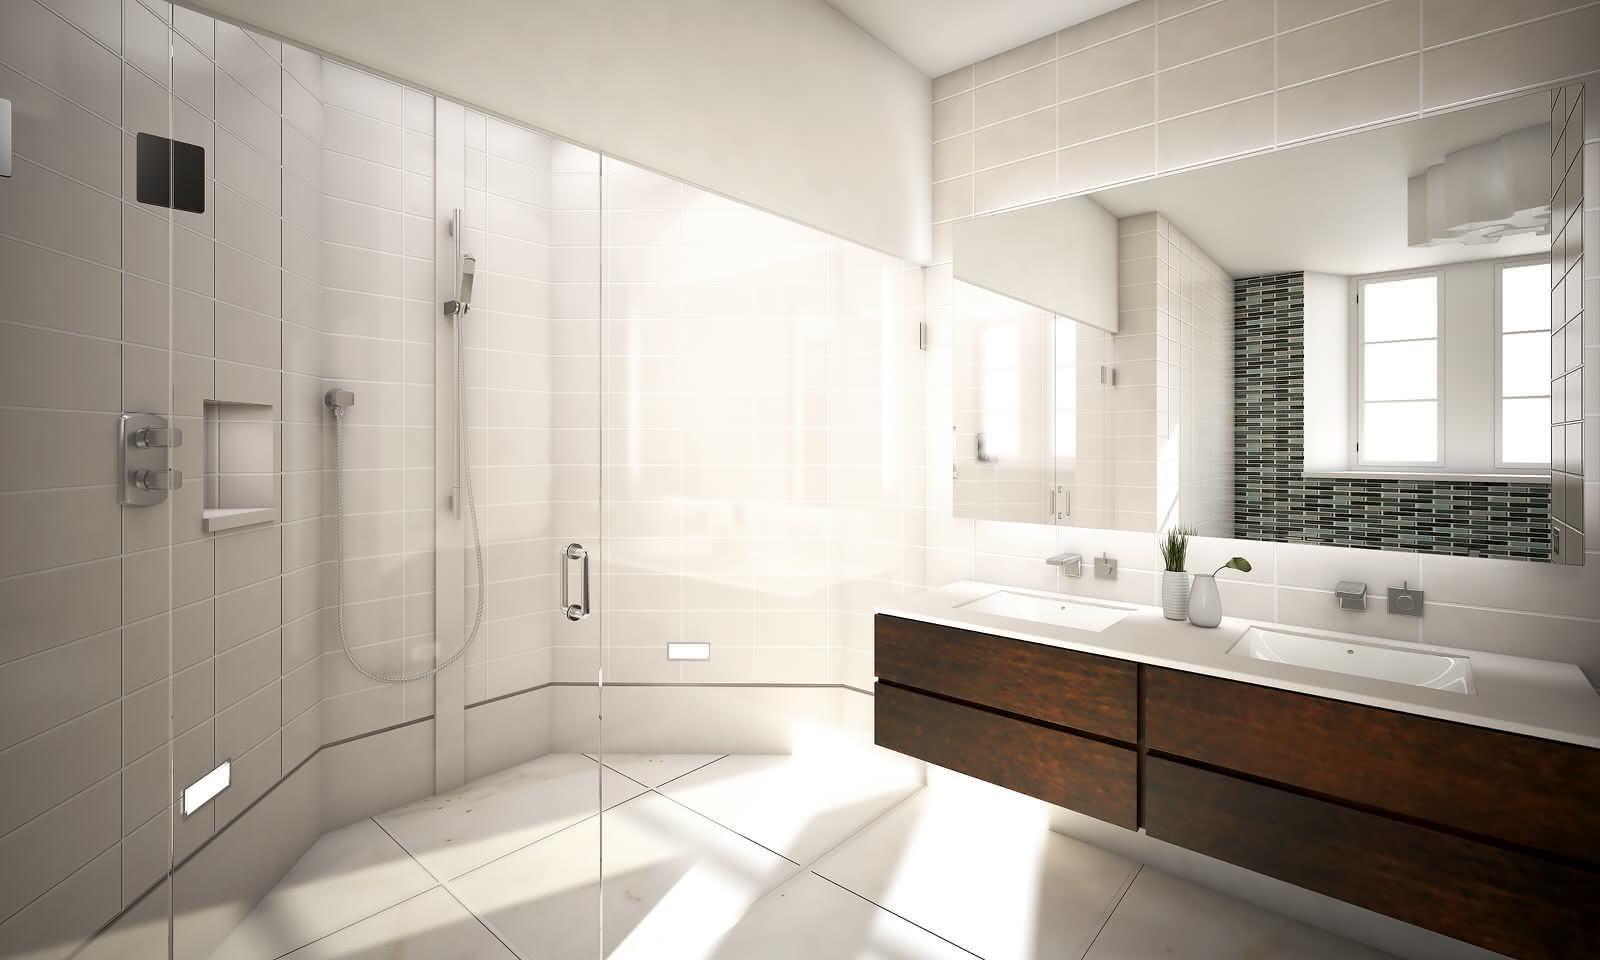 50 Bancadas de Banheiros e Lavabos para te Inspirar #34261C 1600x960 Bancada Banheiro Azul